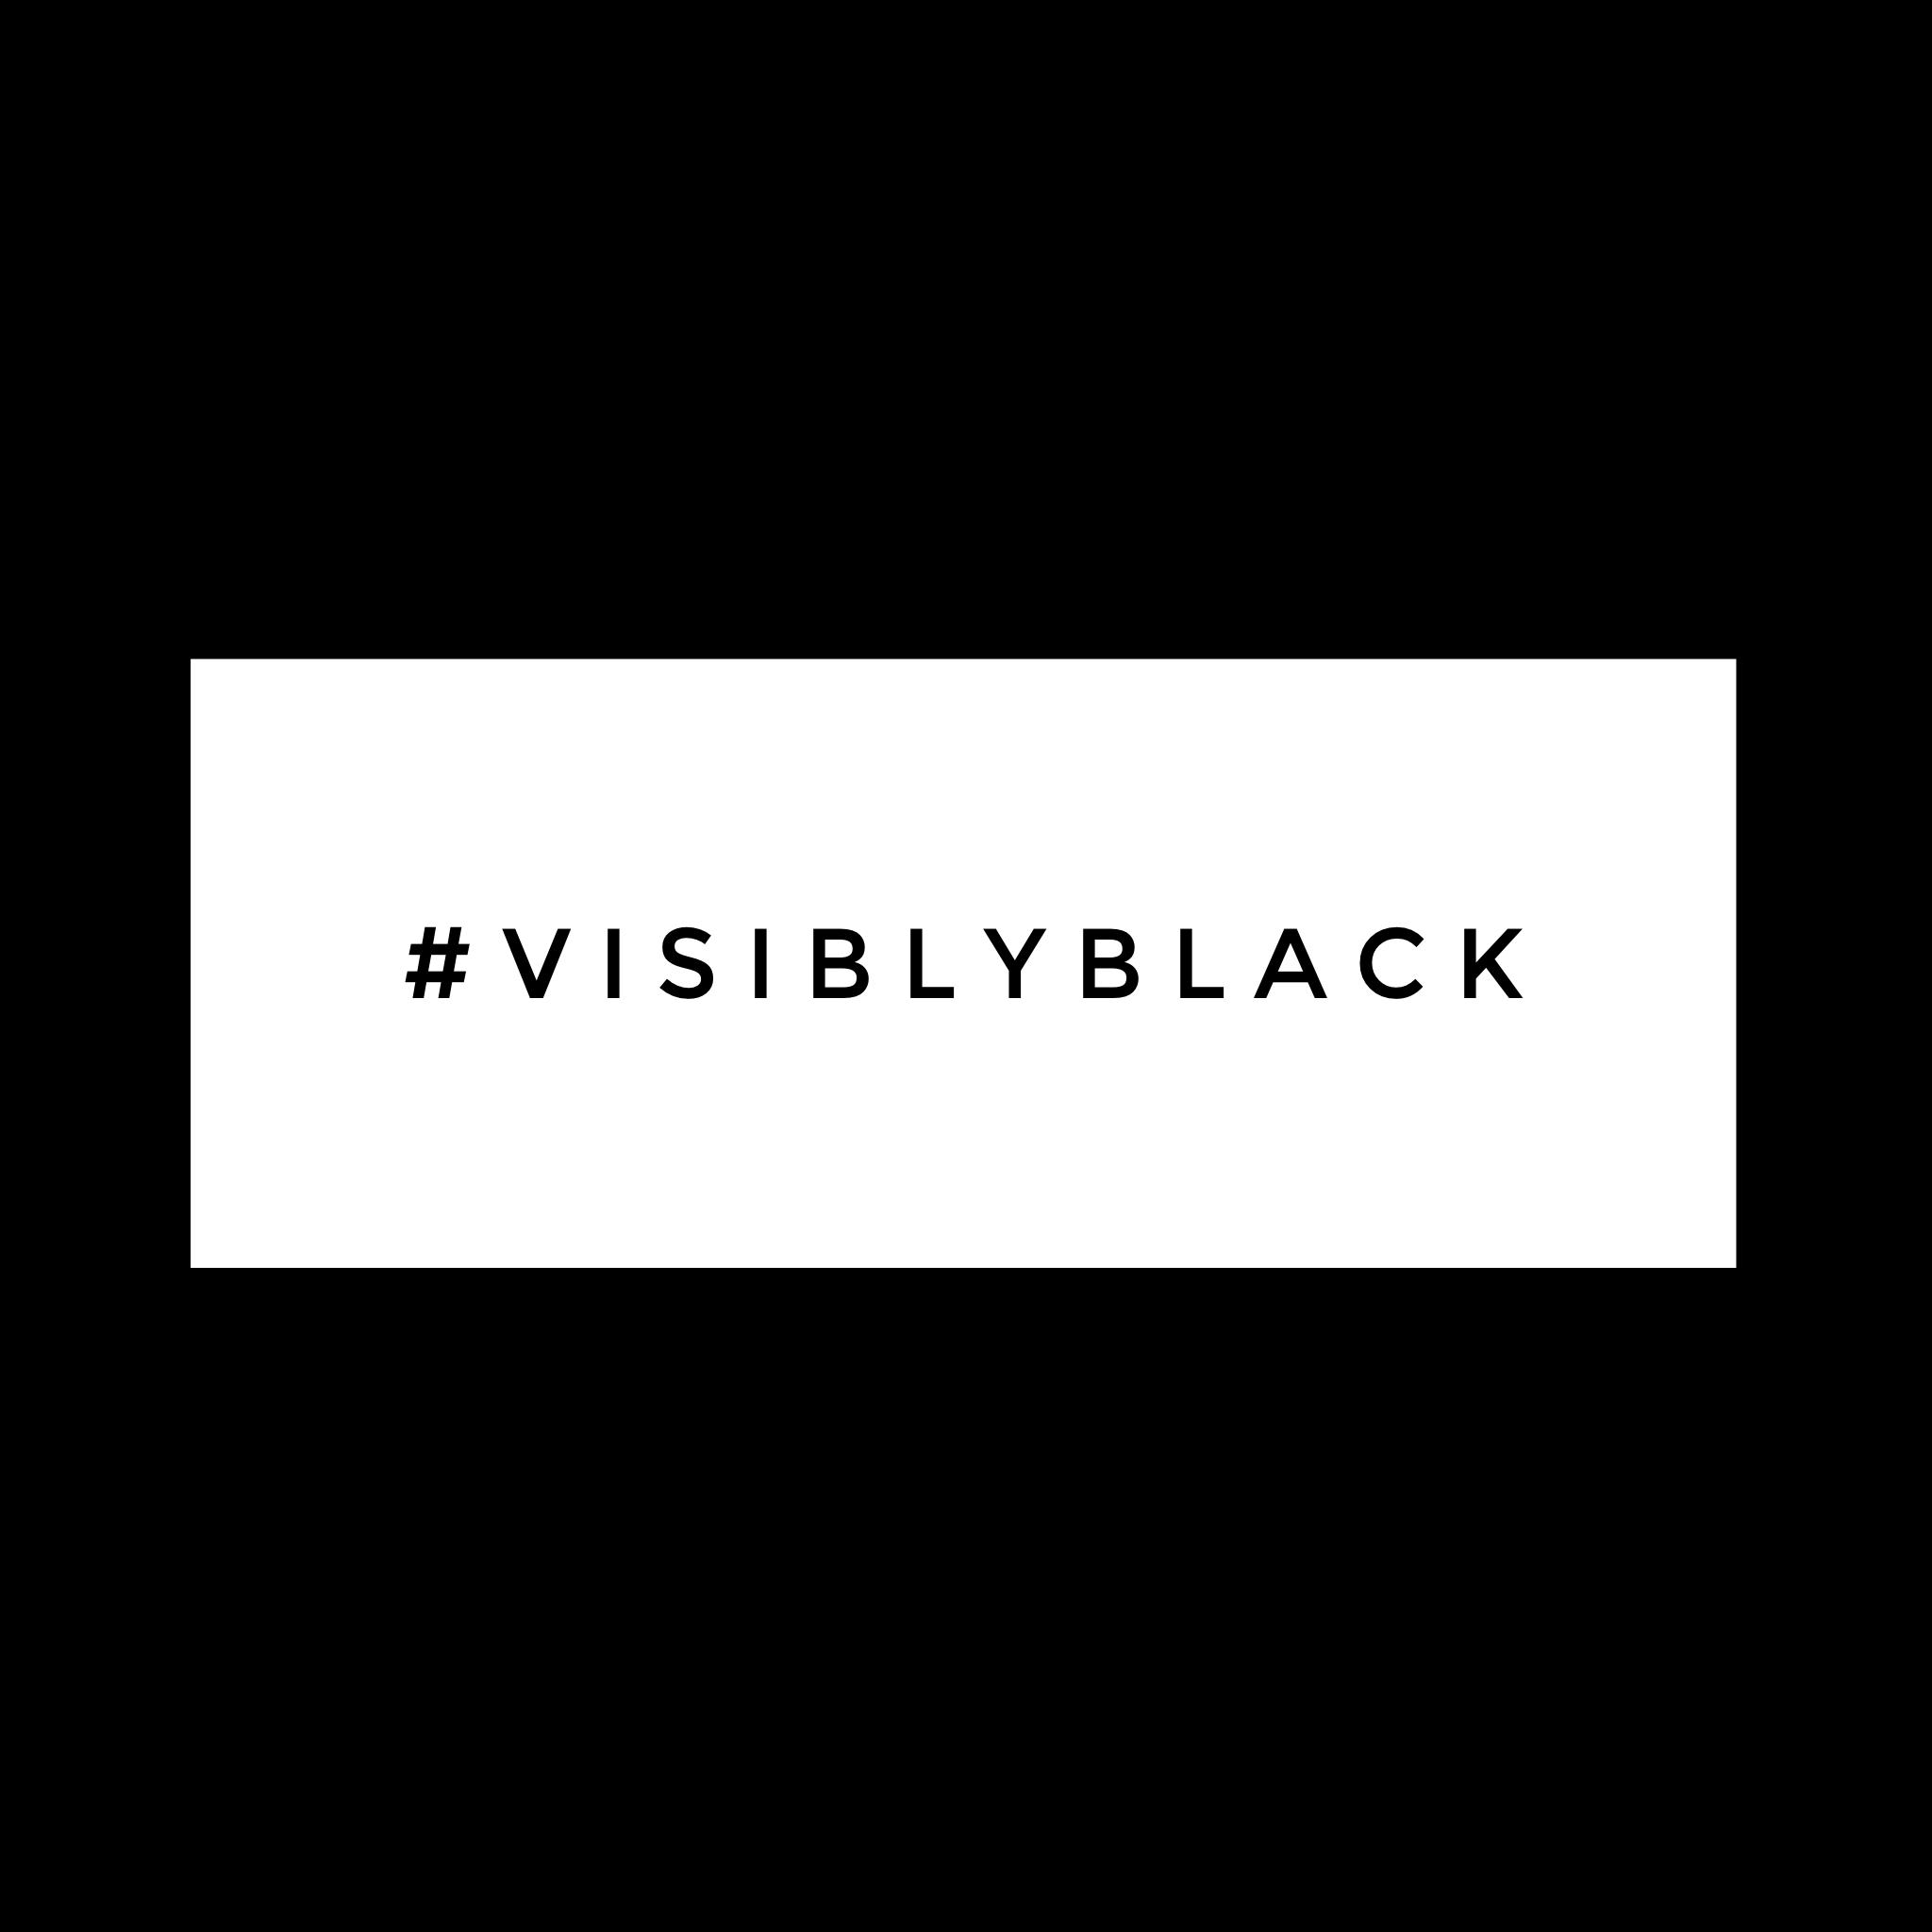 Visible Black